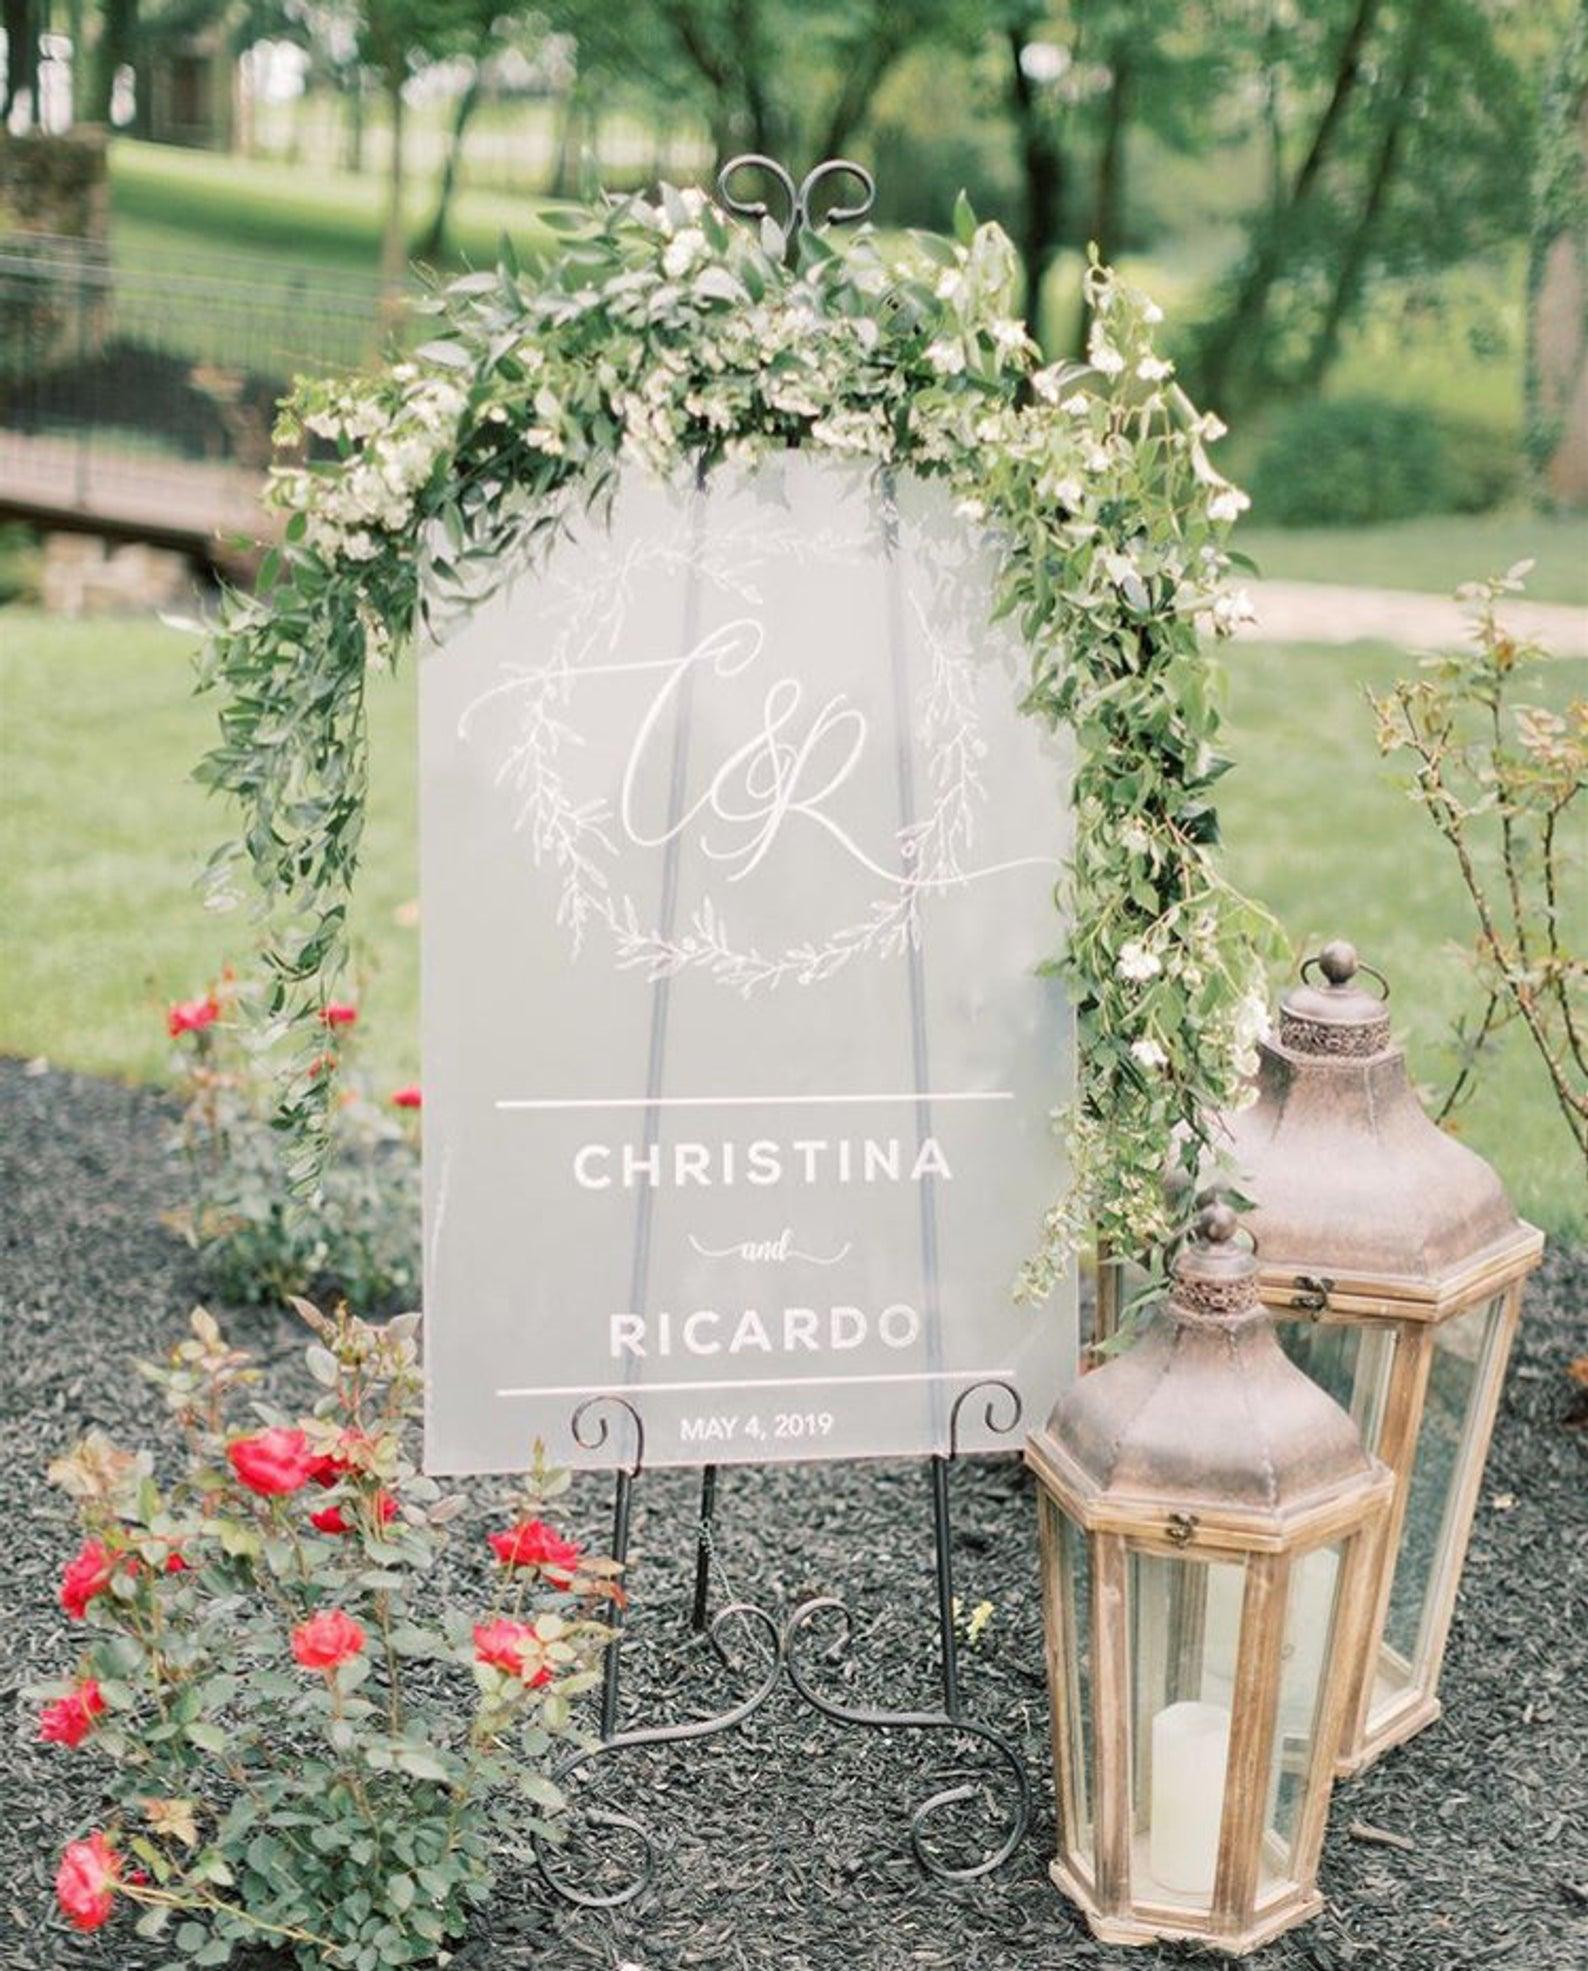 Custom Wedding Welcome Sign //Wedding Welcome sign//acrylic wedding sign// Welcome sign // custom wedding decor //Frosted acrylic #weddingwelcomesign